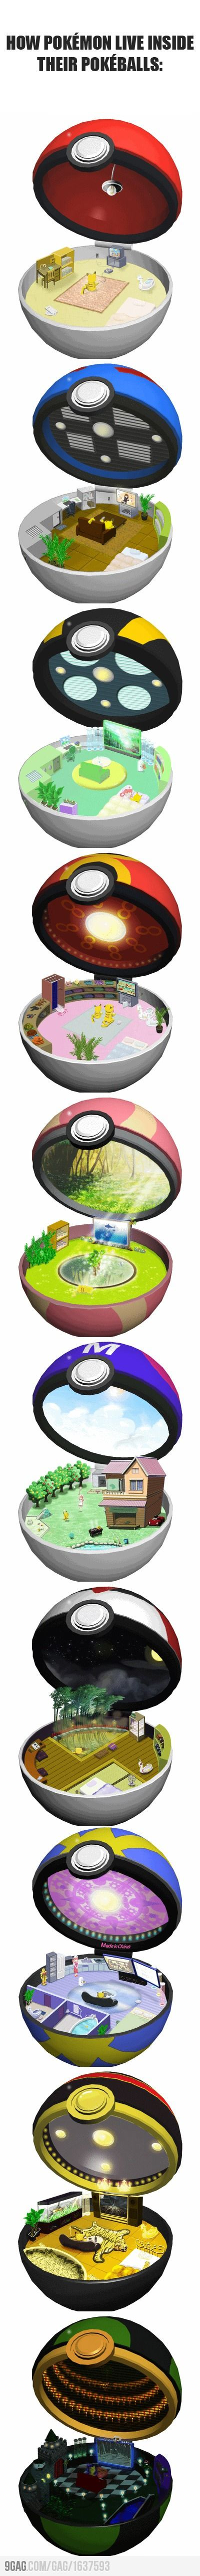 How Pokemon live inside their pokeballs (lol inside my heart)